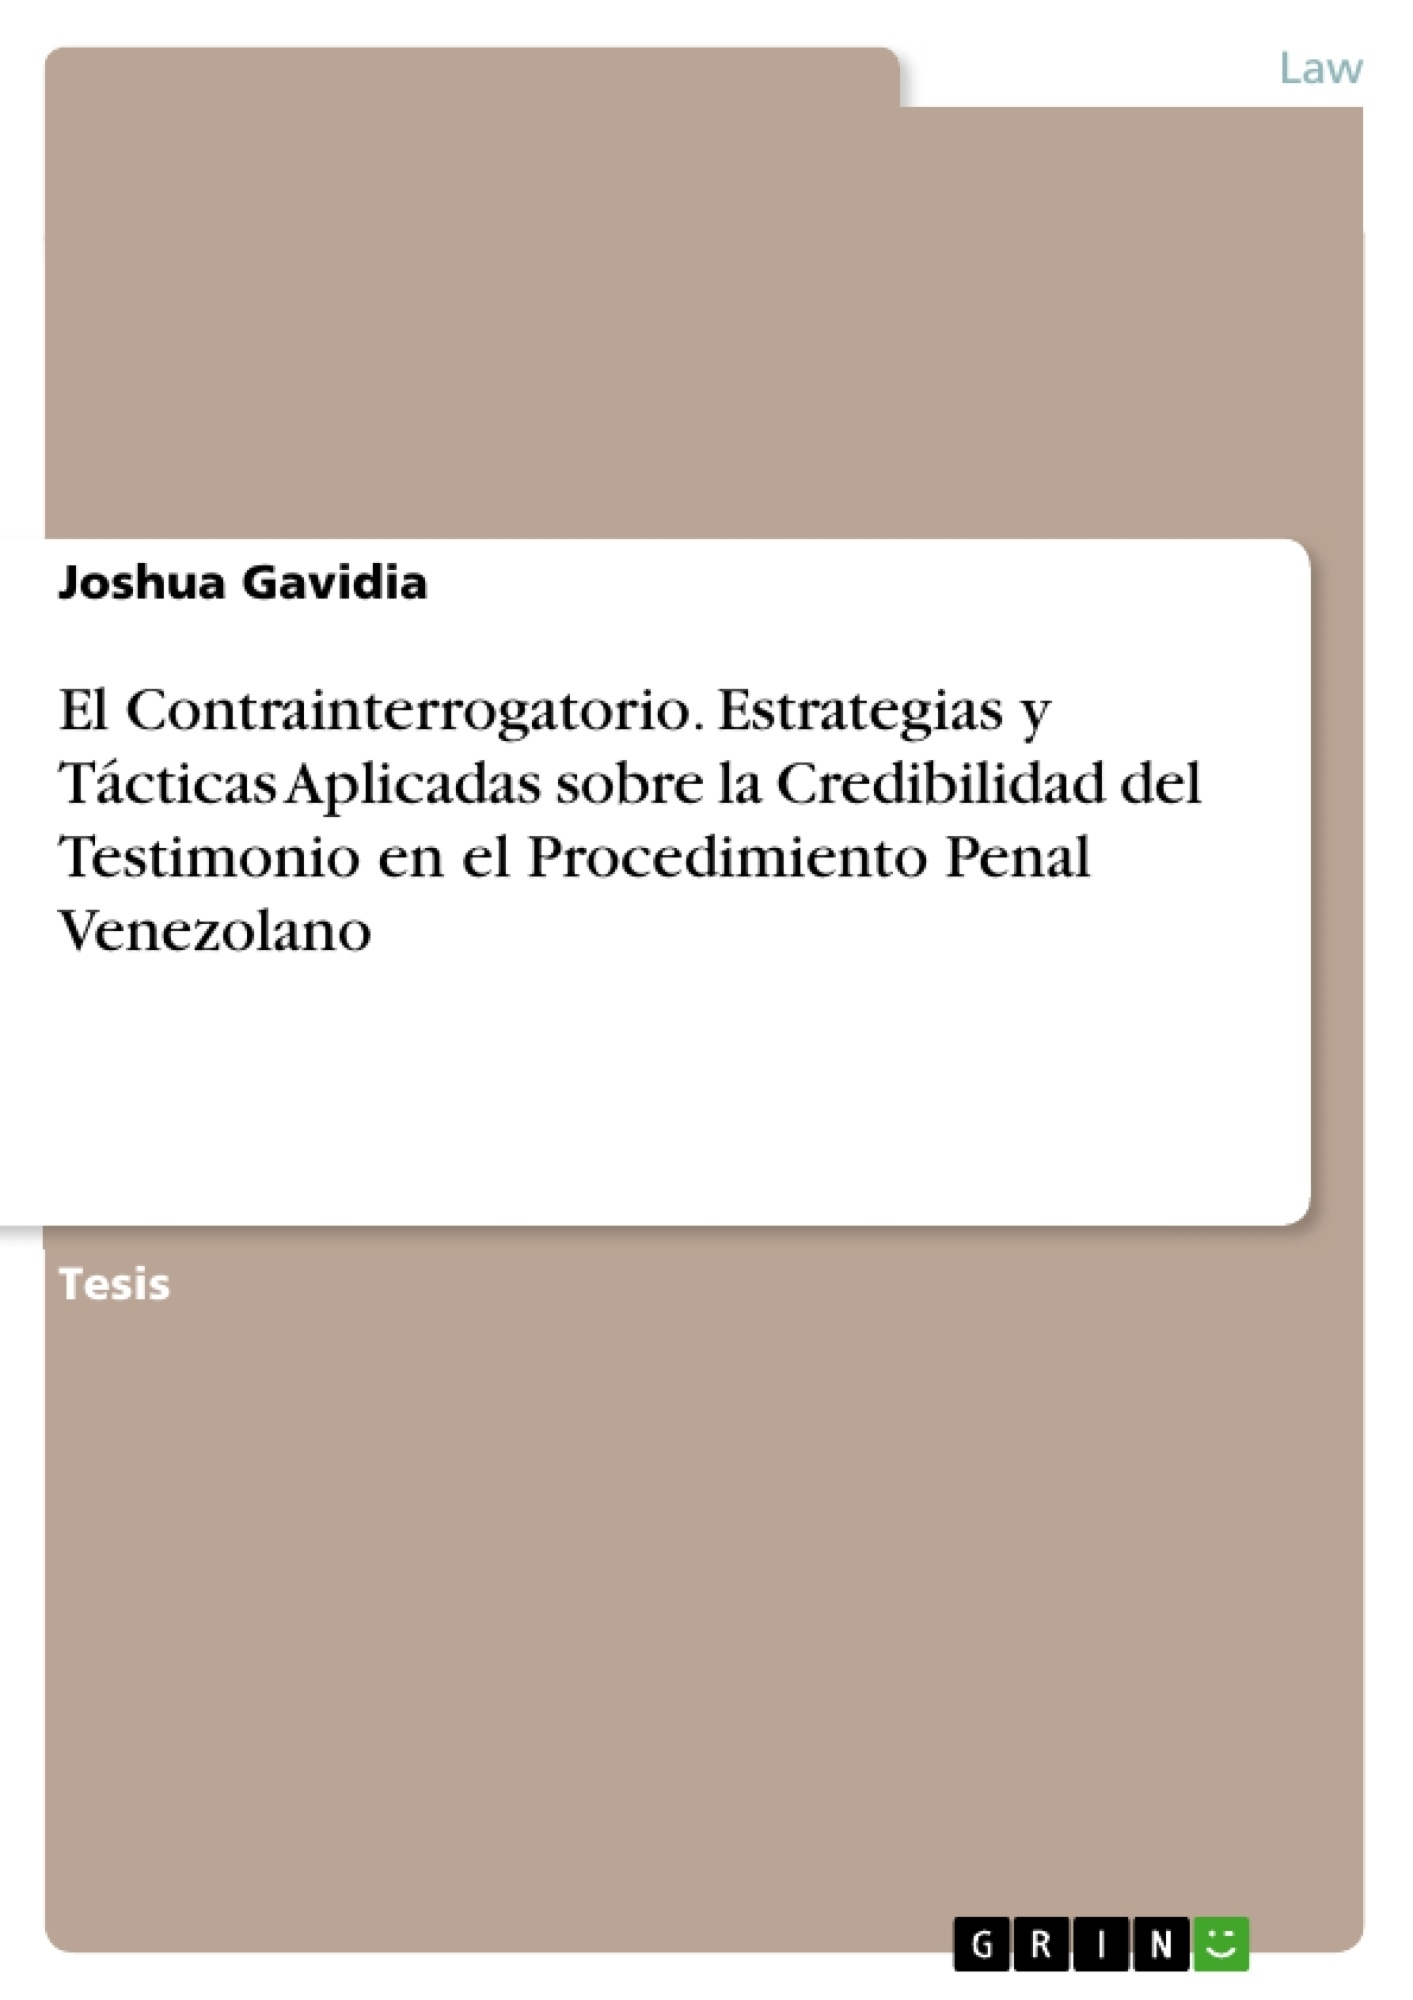 Título: El Contrainterrogatorio. Estrategias y Tácticas Aplicadas sobre la Credibilidad del Testimonio en el Procedimiento Penal Venezolano